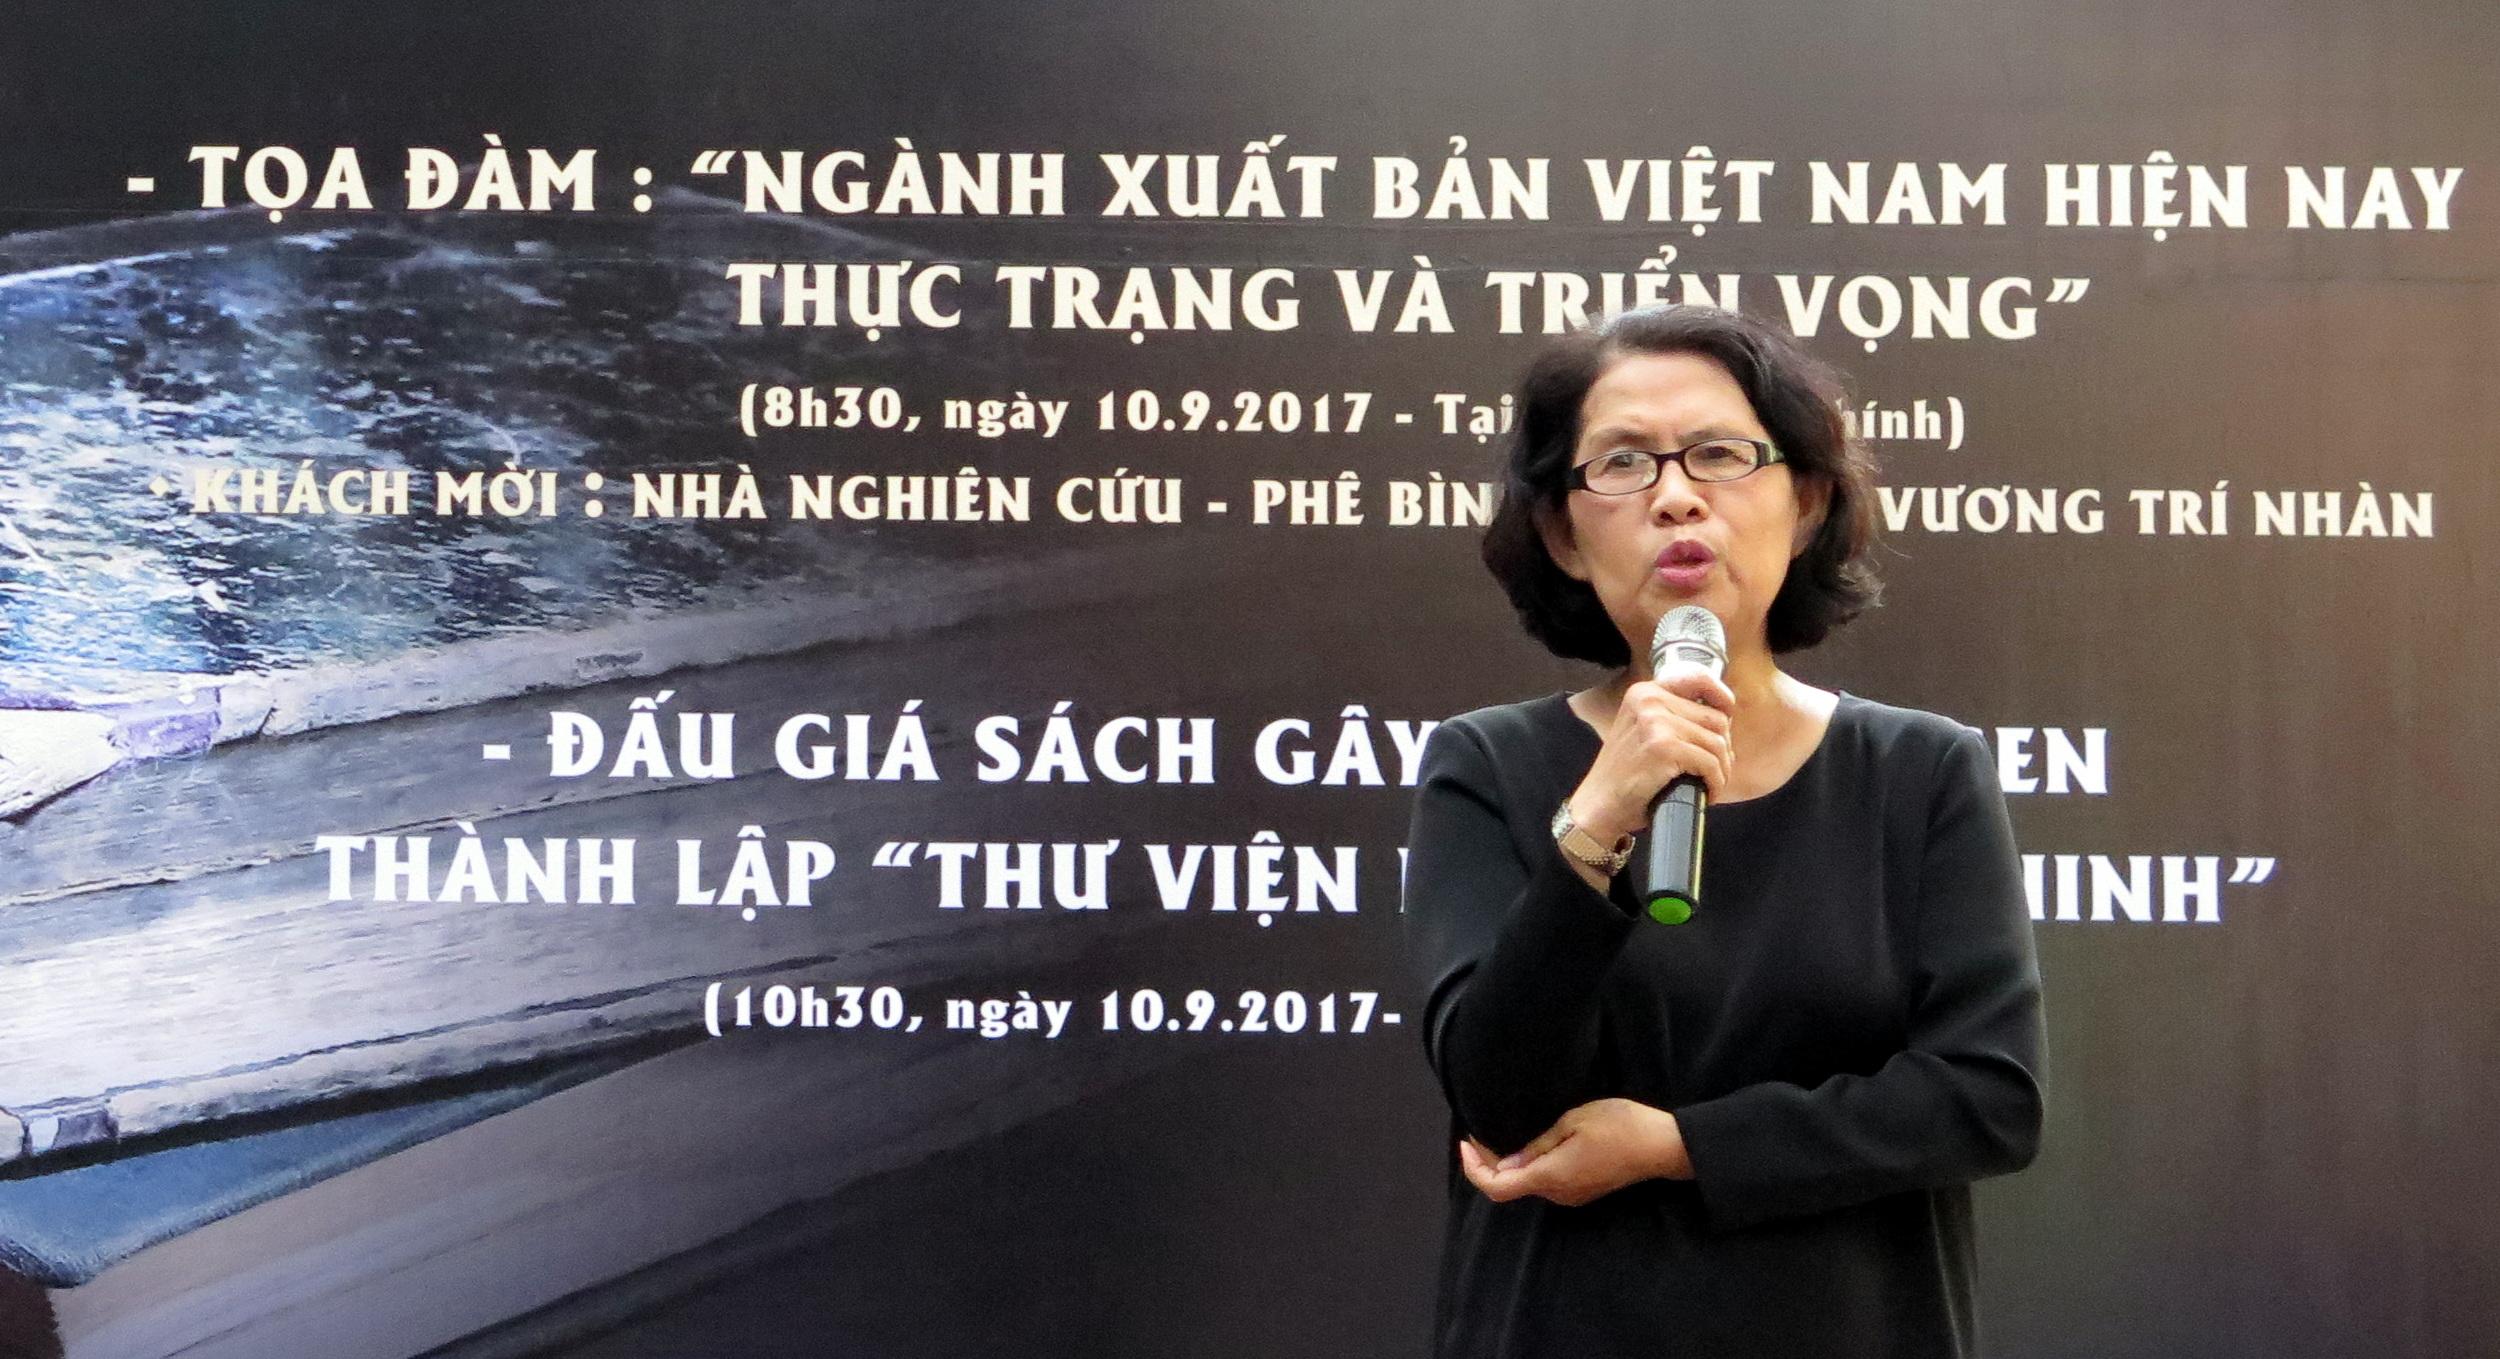 """Xuất bản Việt Nam đang thiếu """"Con người nghề nghiệp' - Ảnh 2."""